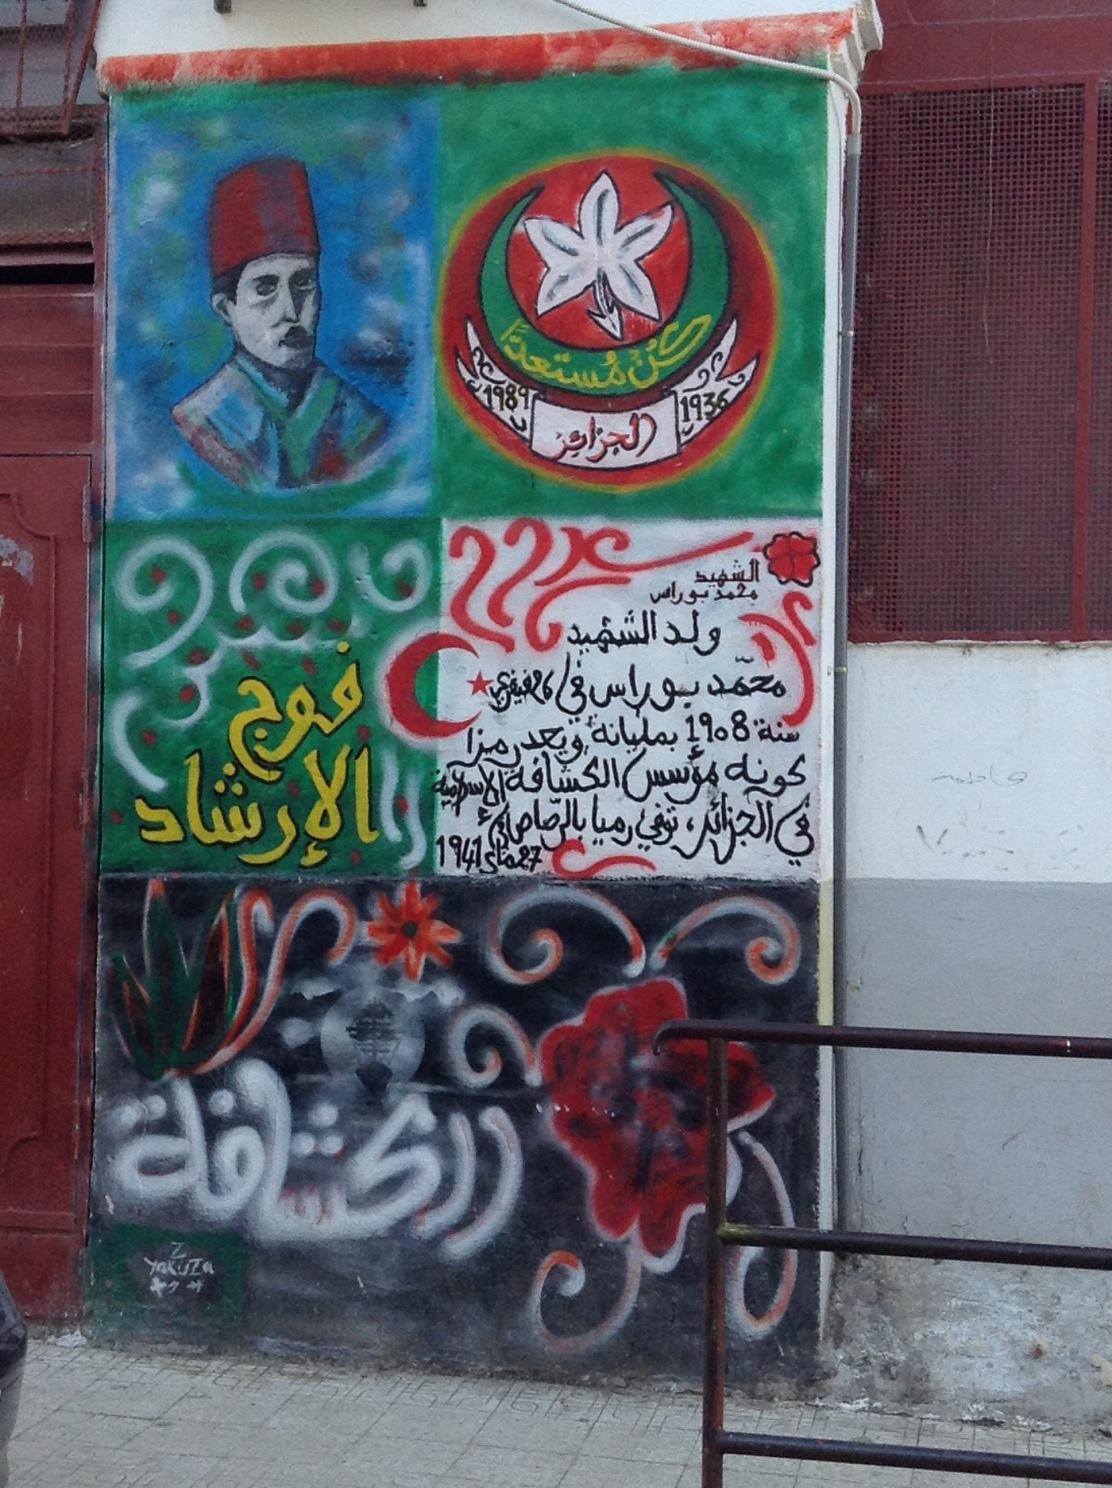 mural_casbah_algiers_algeria.jpg